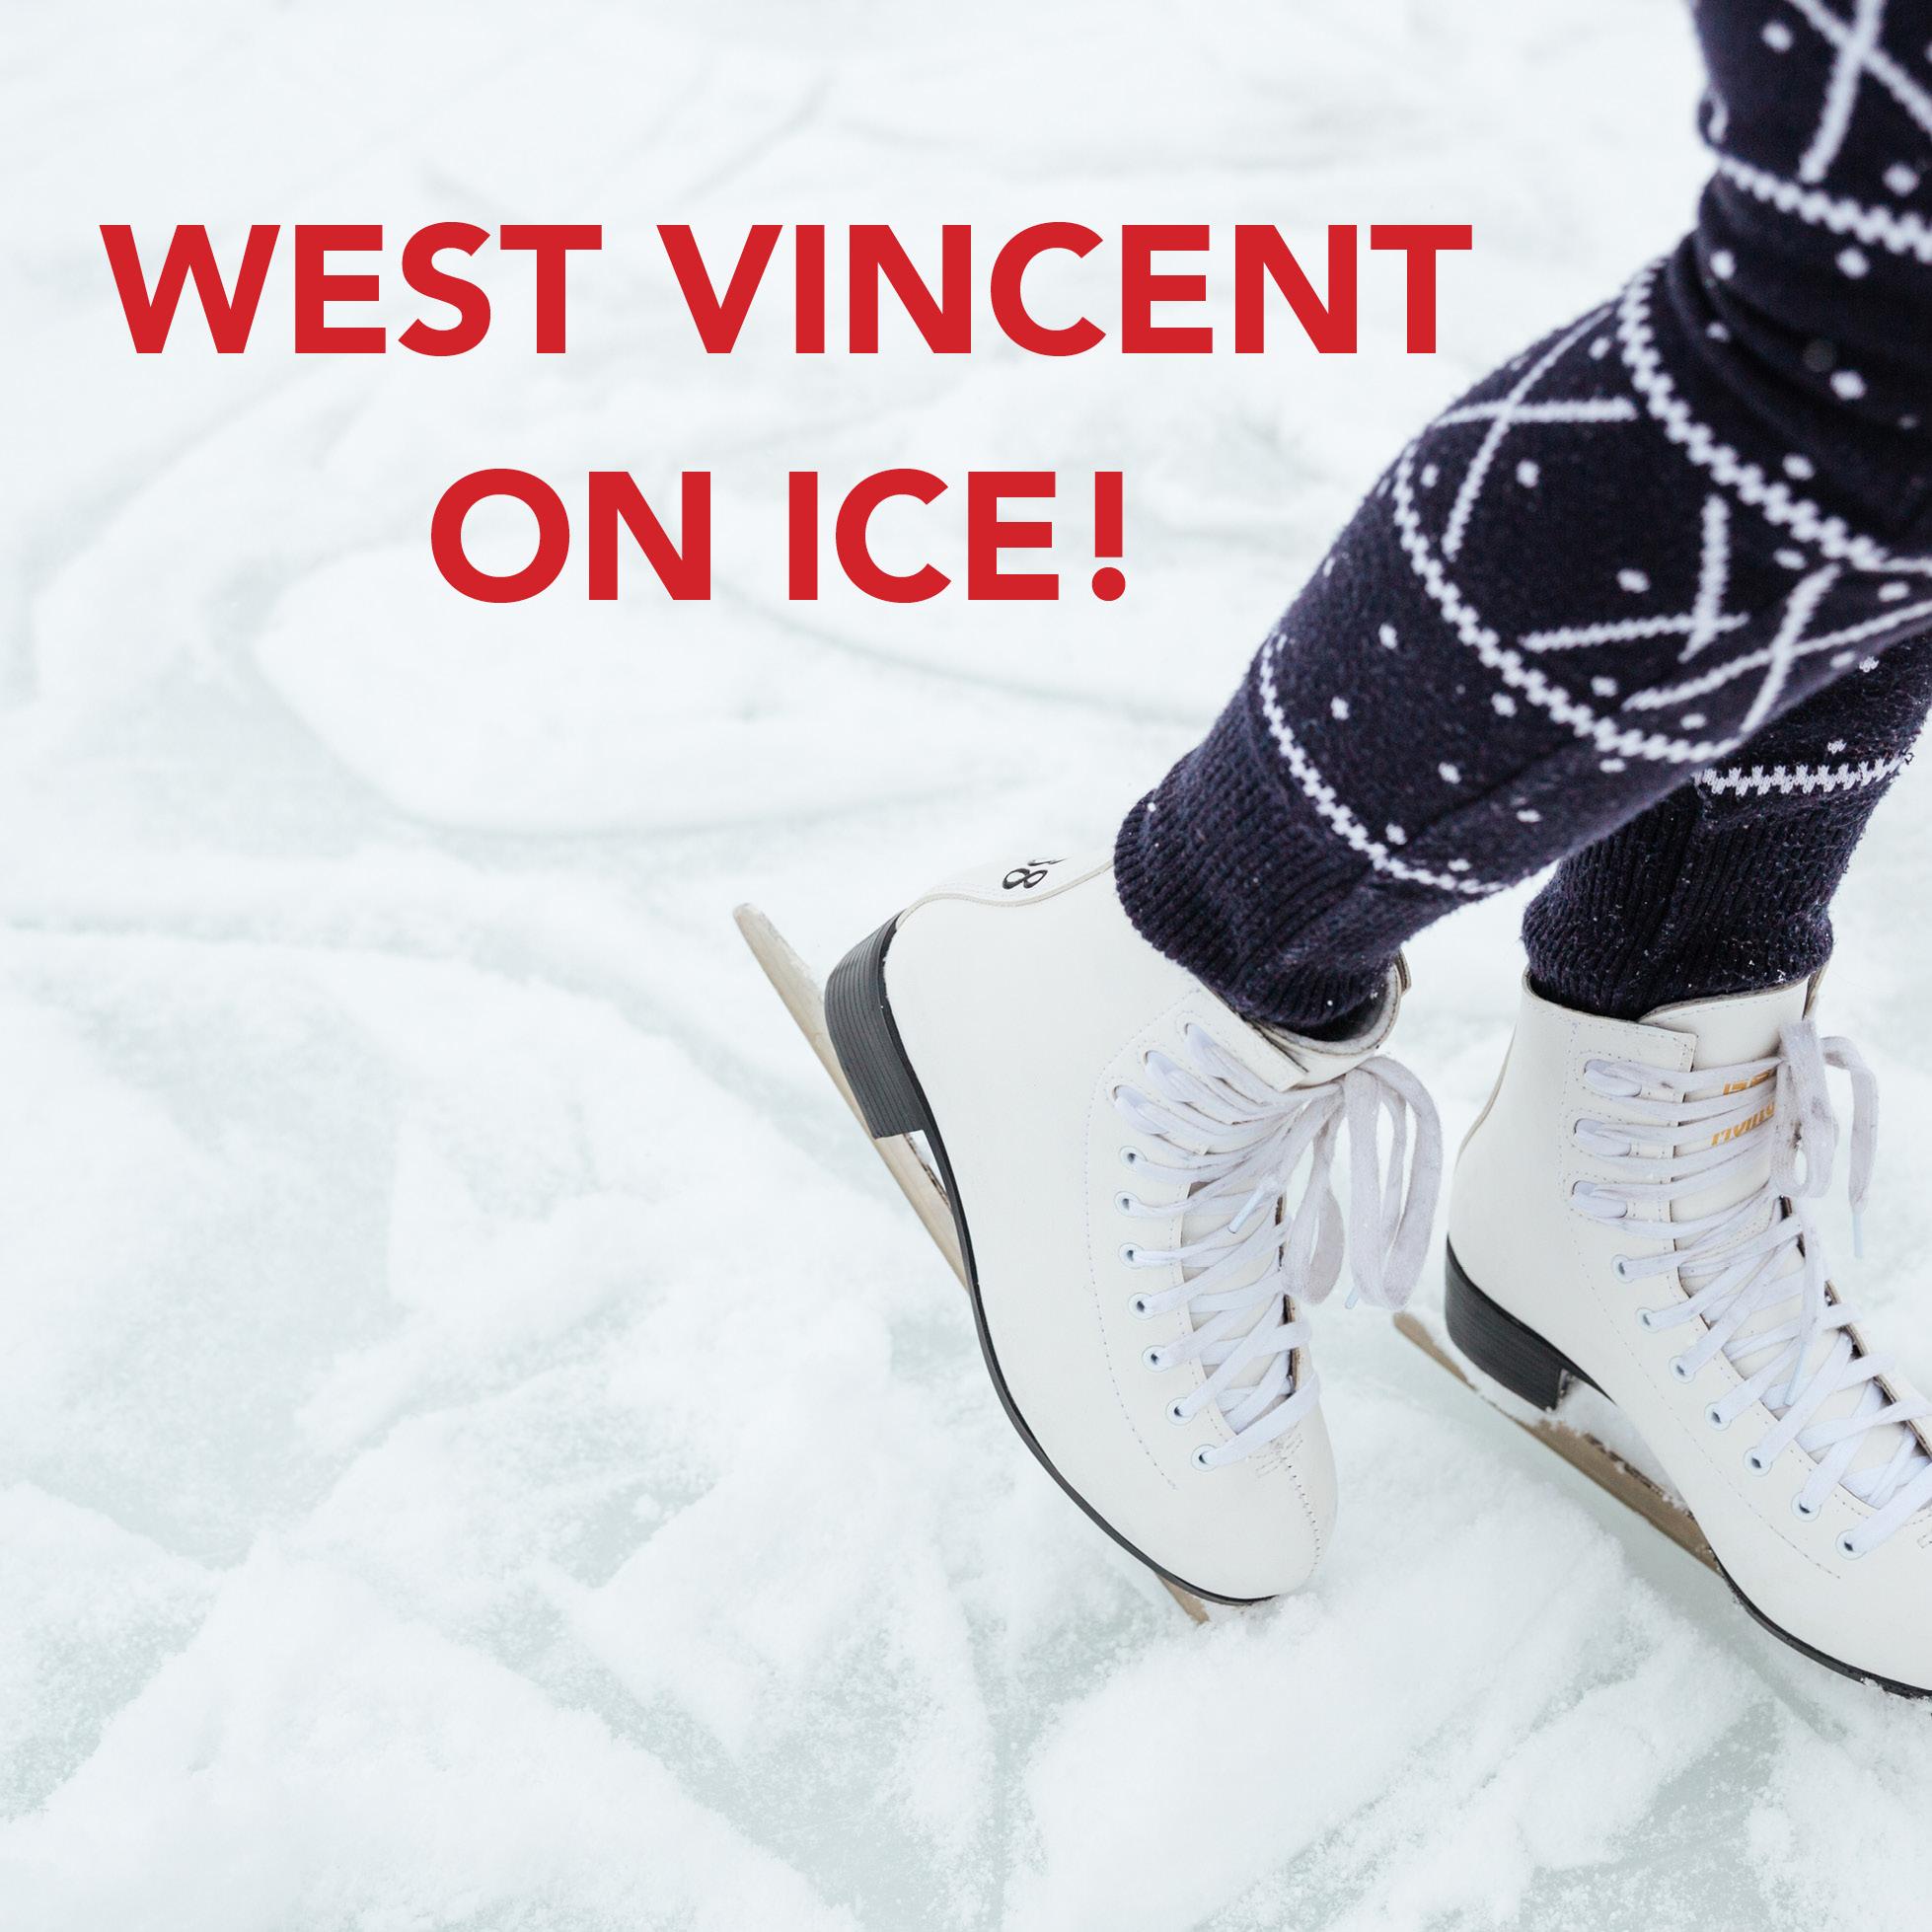 skating fundraiser for website.jpg